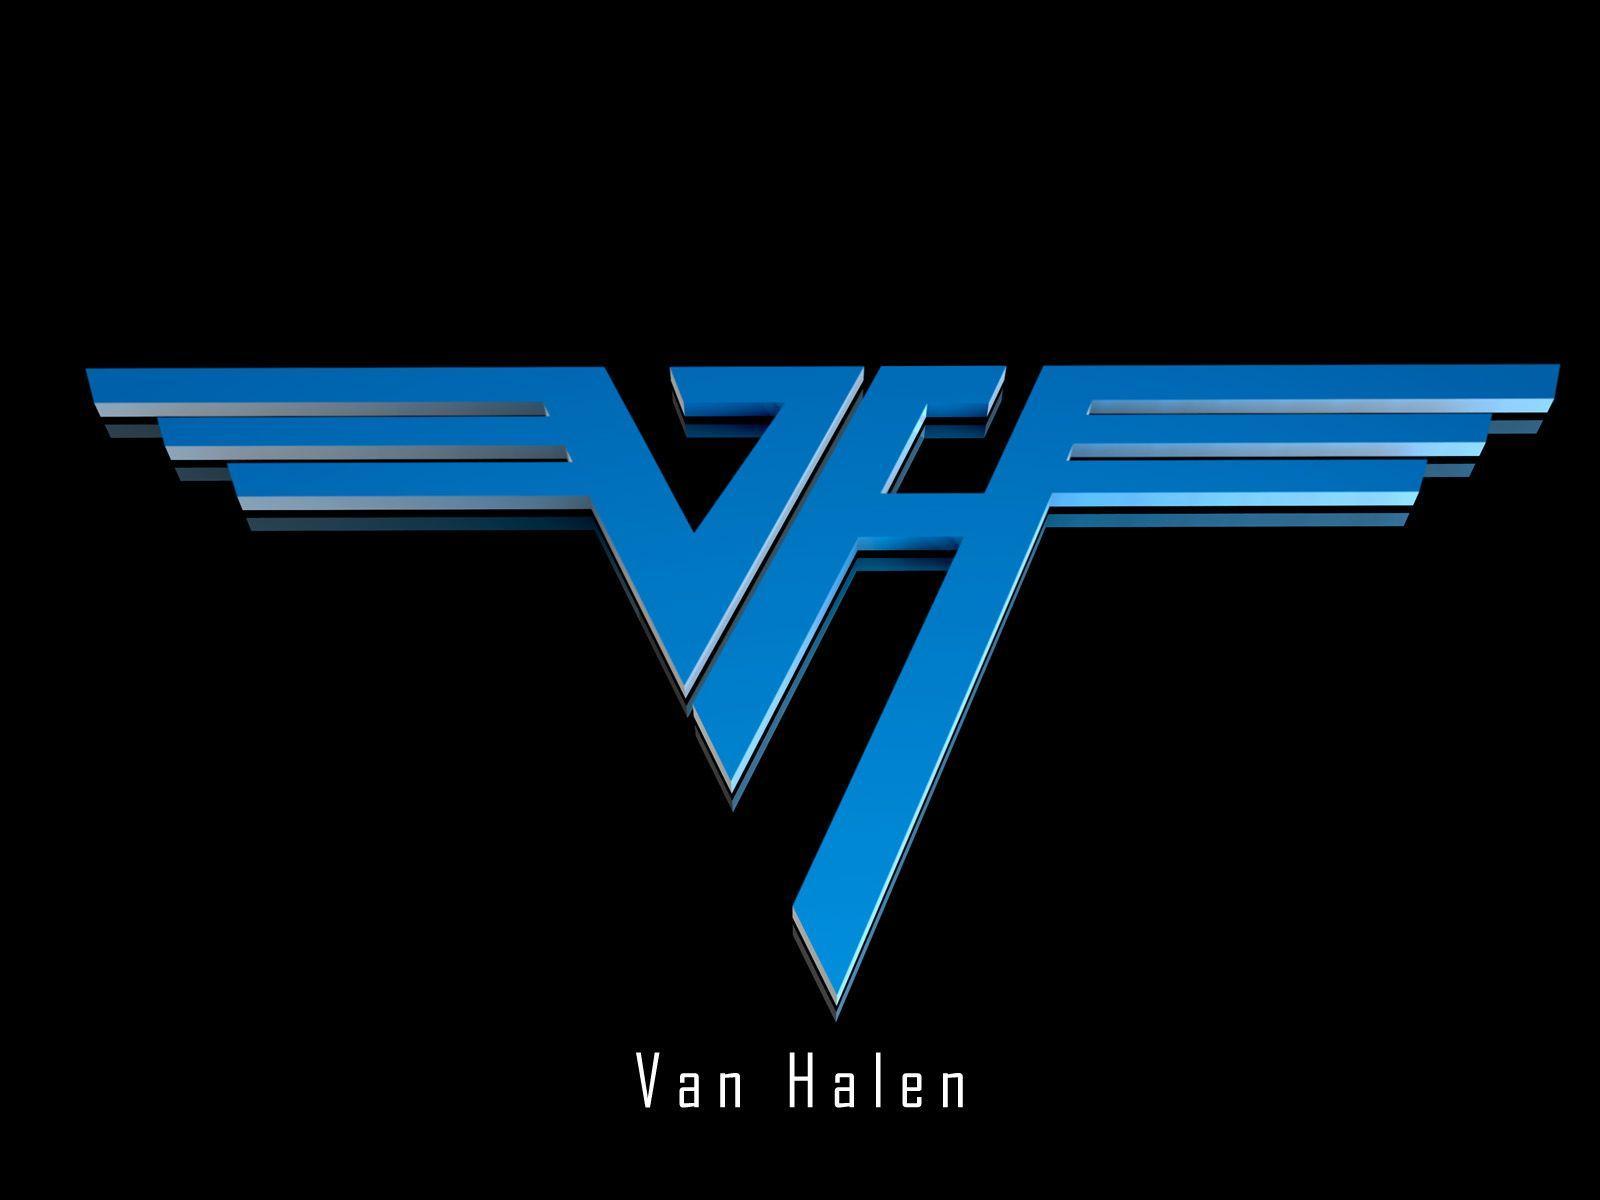 Van Halen Desktop Wallpapers 1600x1200